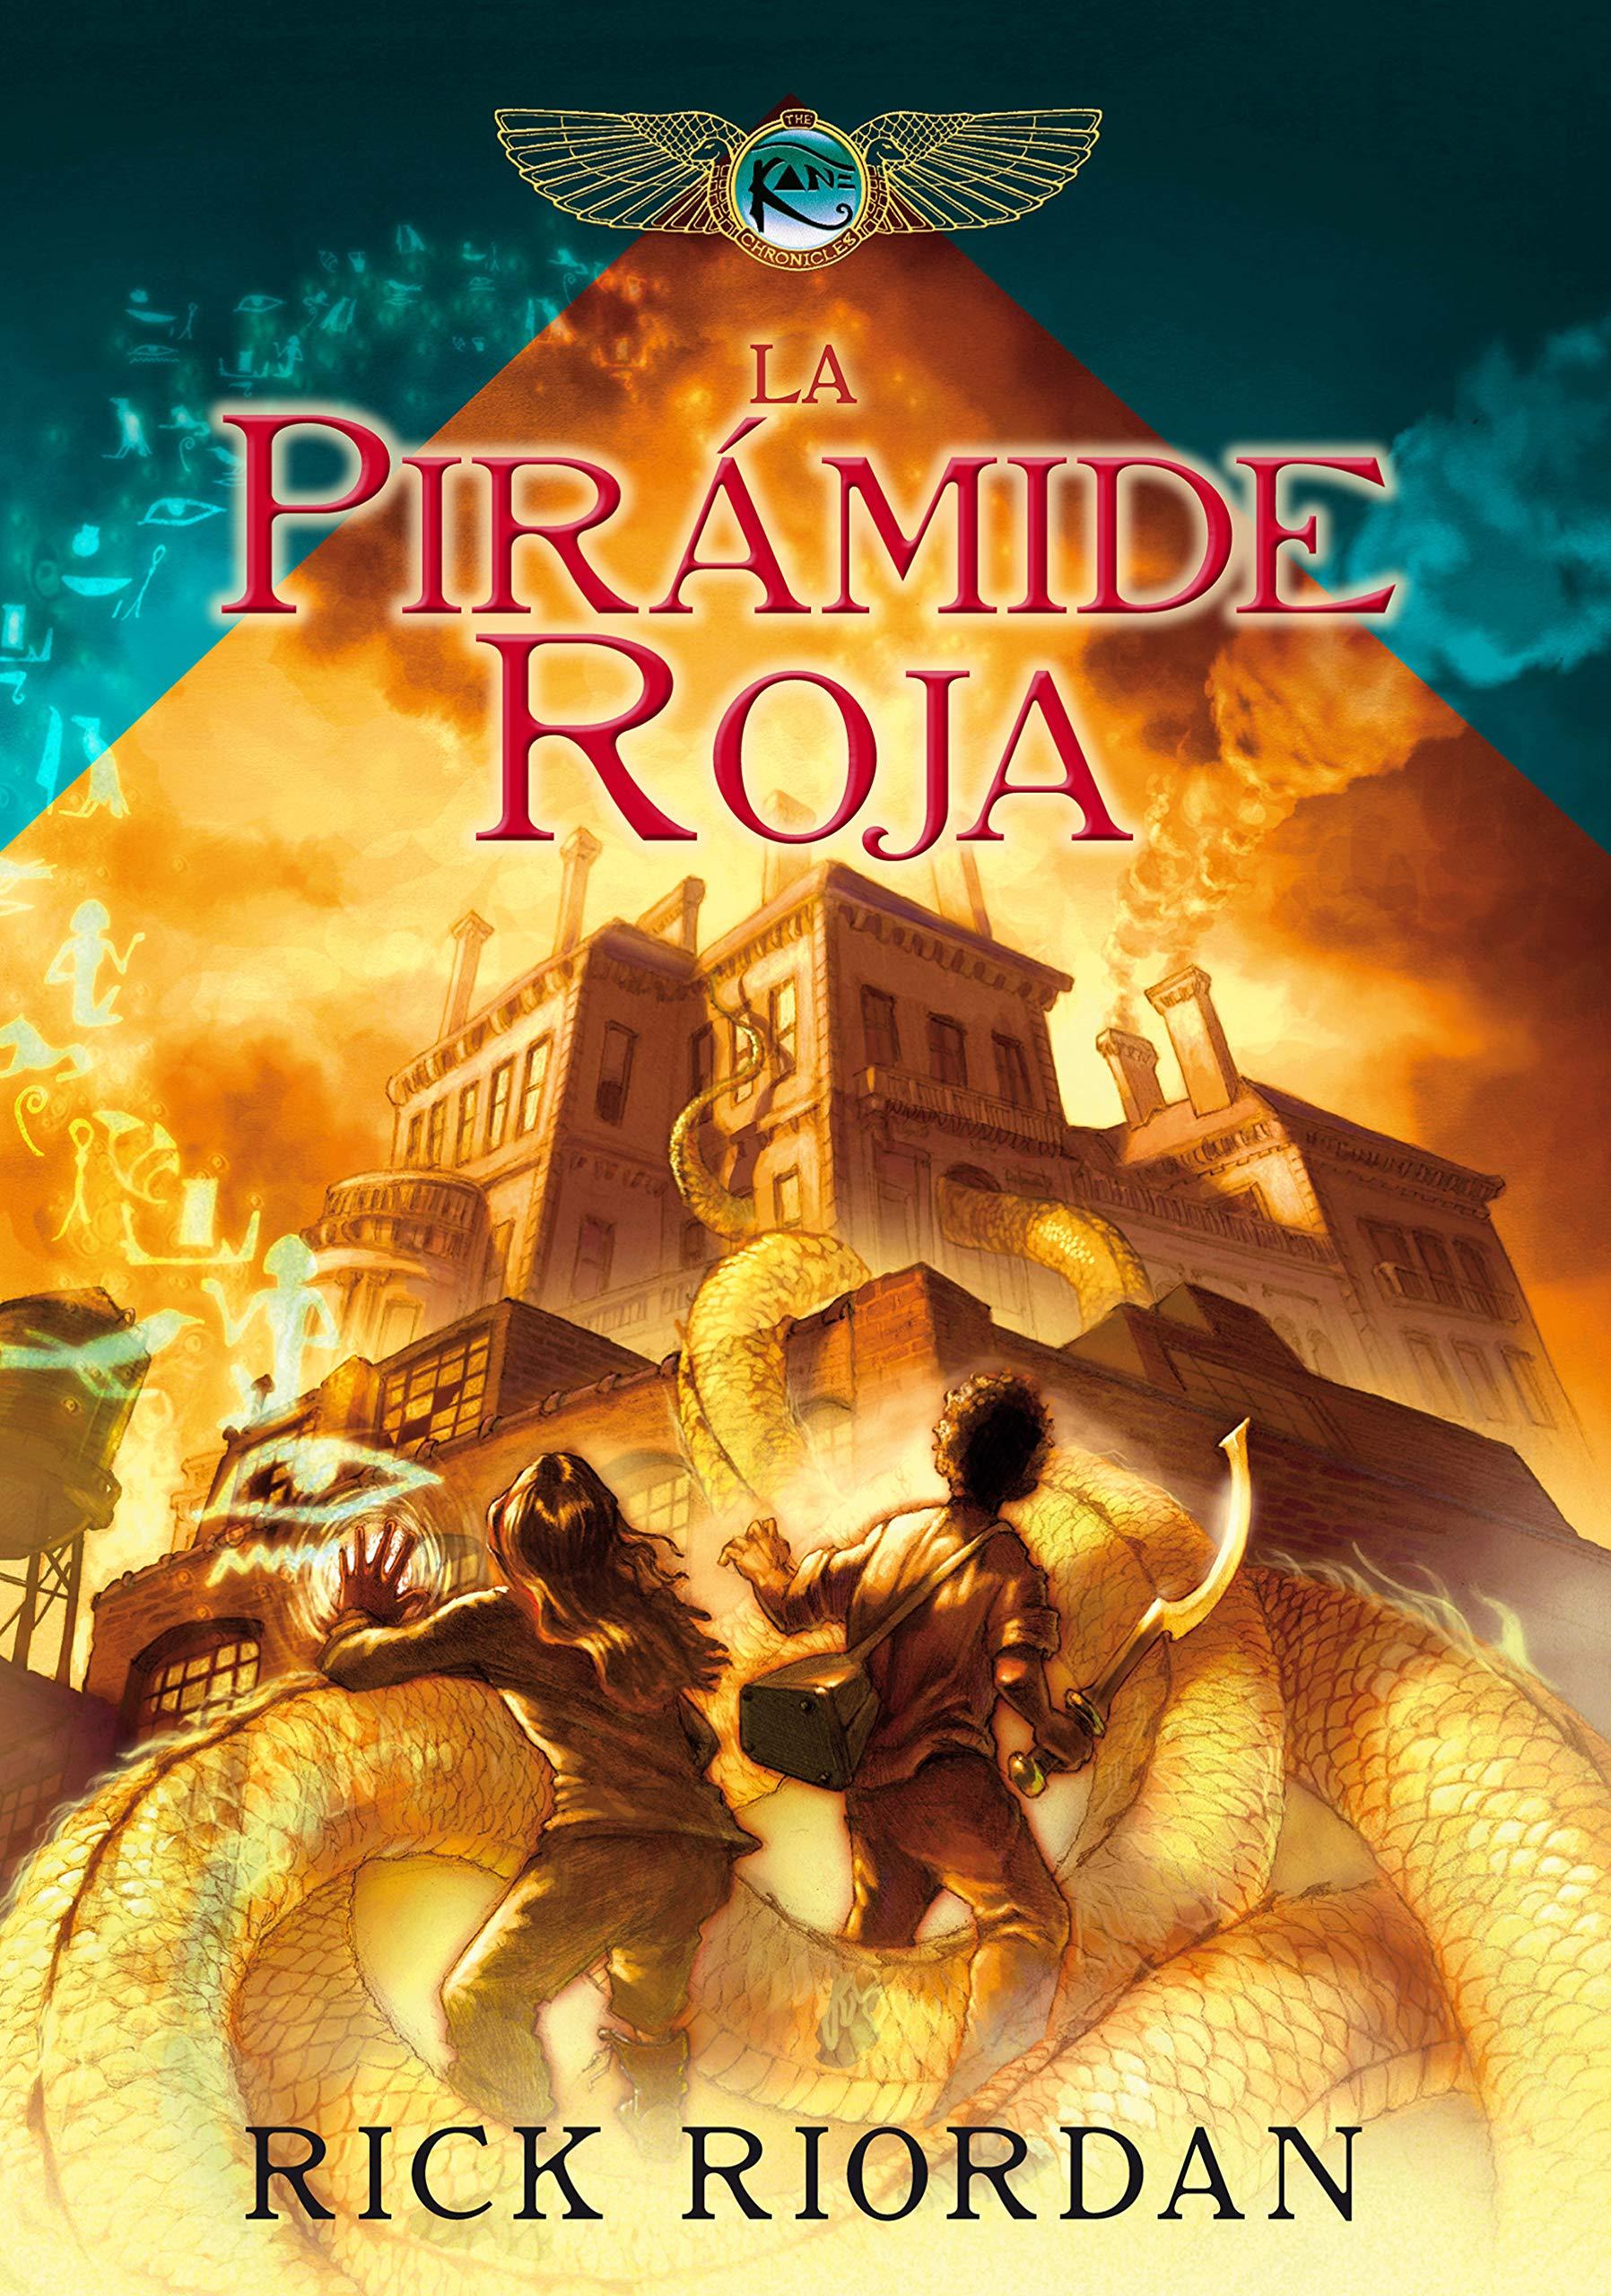 Libros juveniles de fantasía La pirámide roja, de Rick Riordan